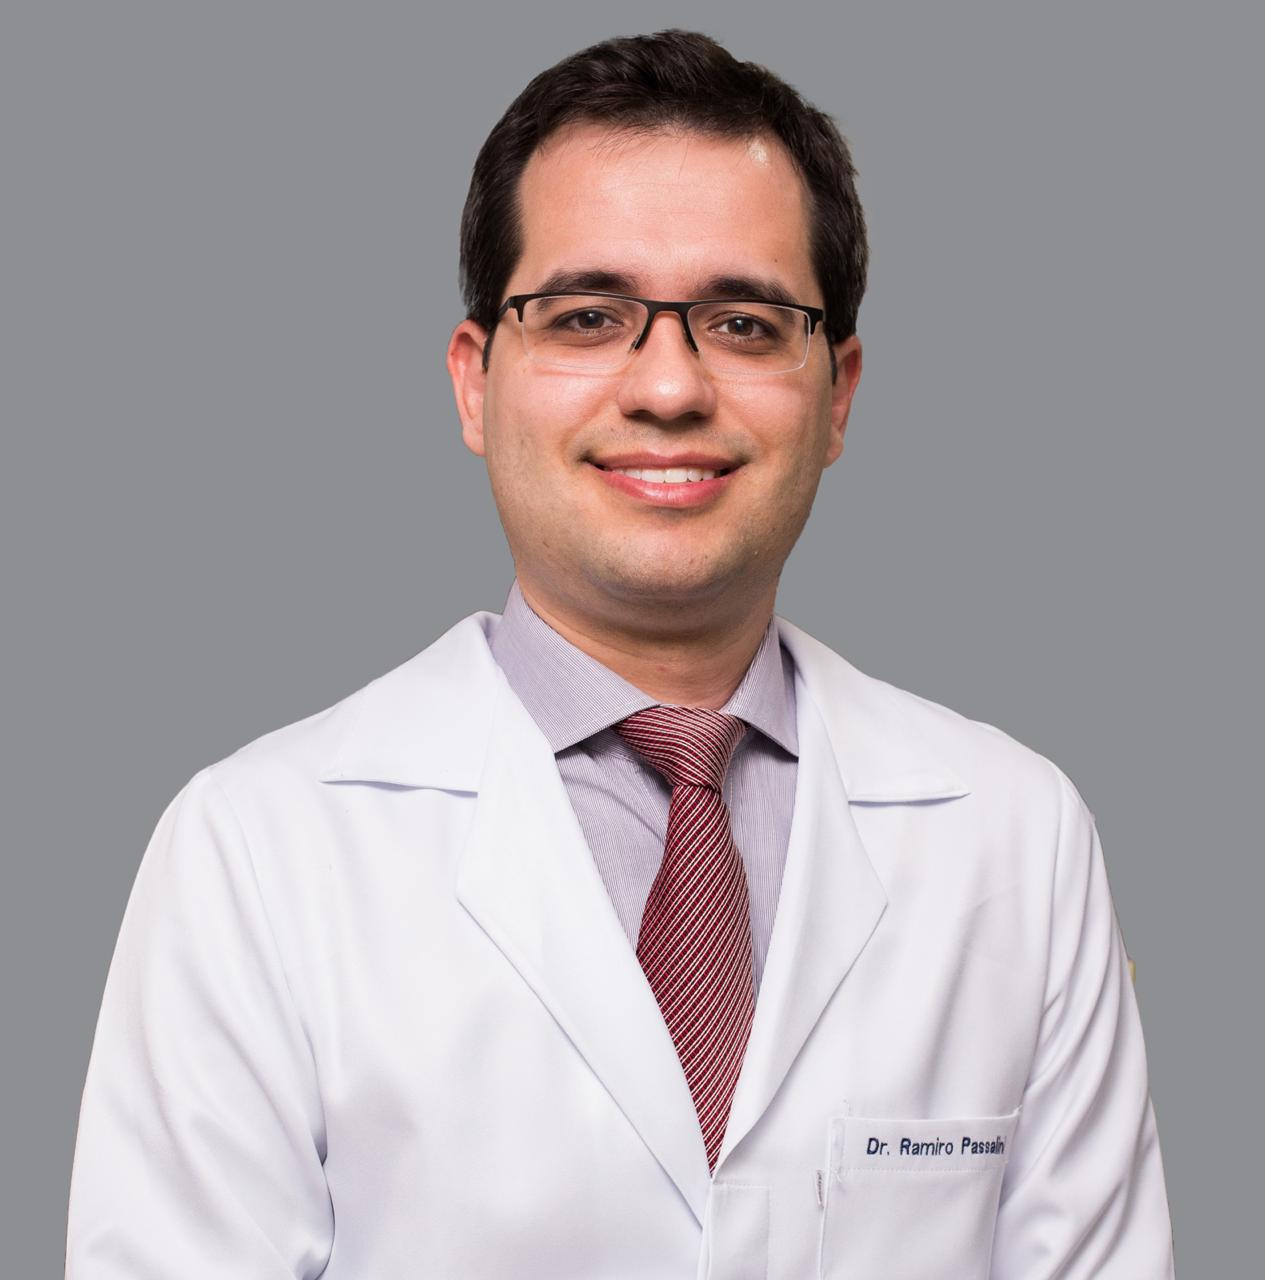 DR RAMIRO